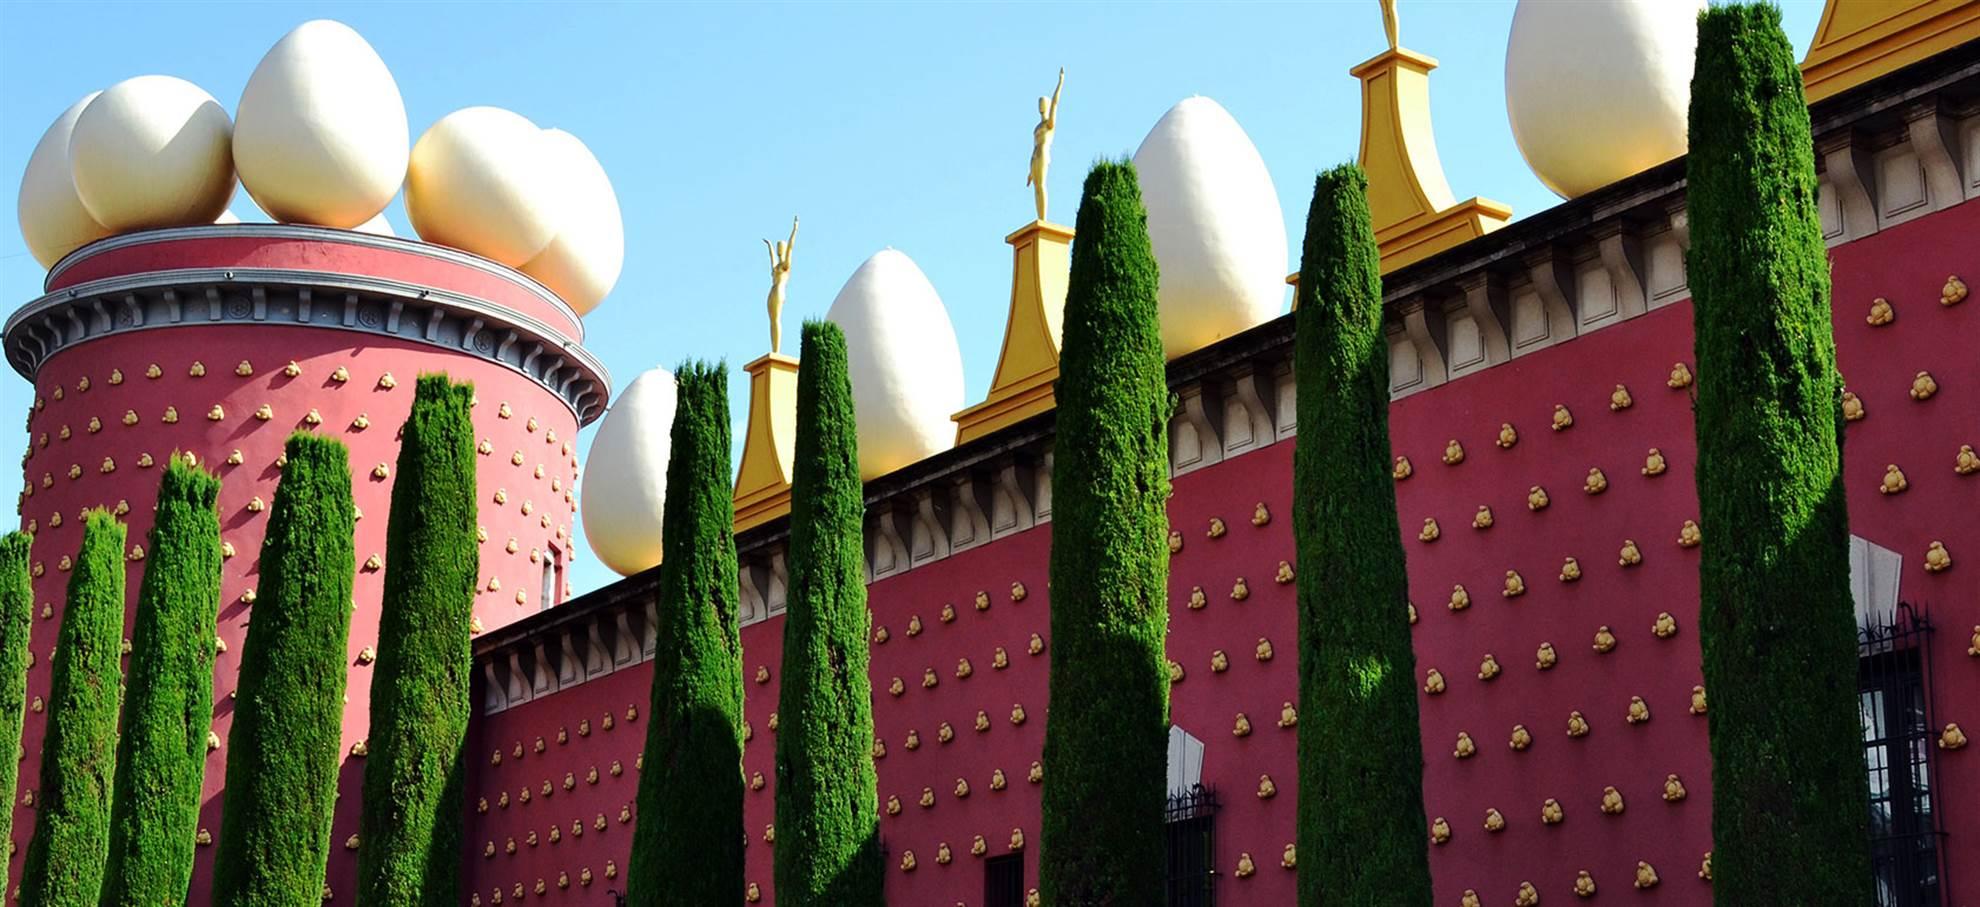 Le musée Dalí: billet coupe-file + transfert en bus au départ de Barcelone